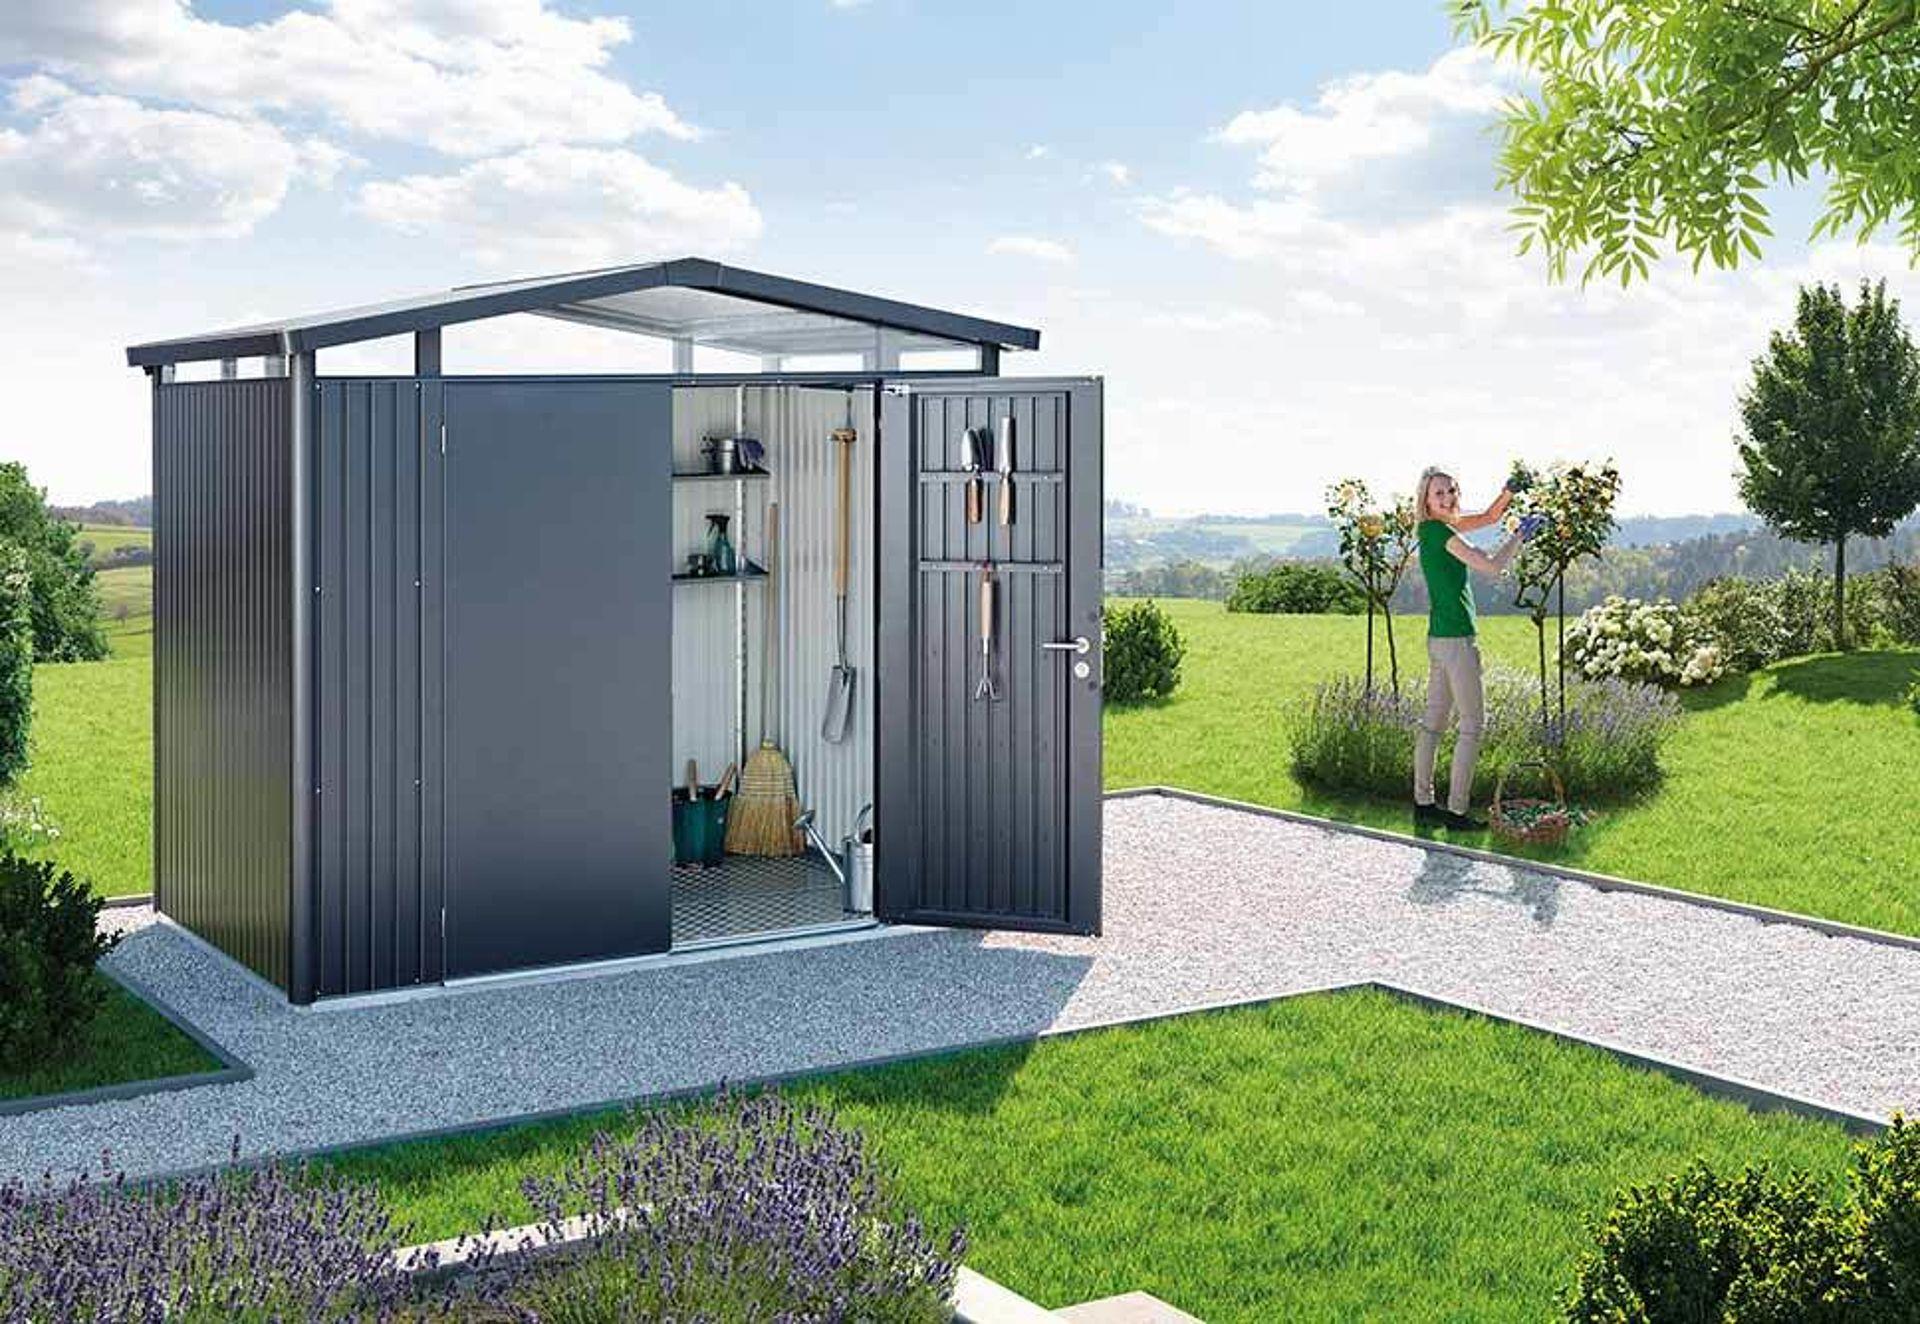 Gerätehaus Panorama Größe P2 Farbe dunkelgrau-metallic